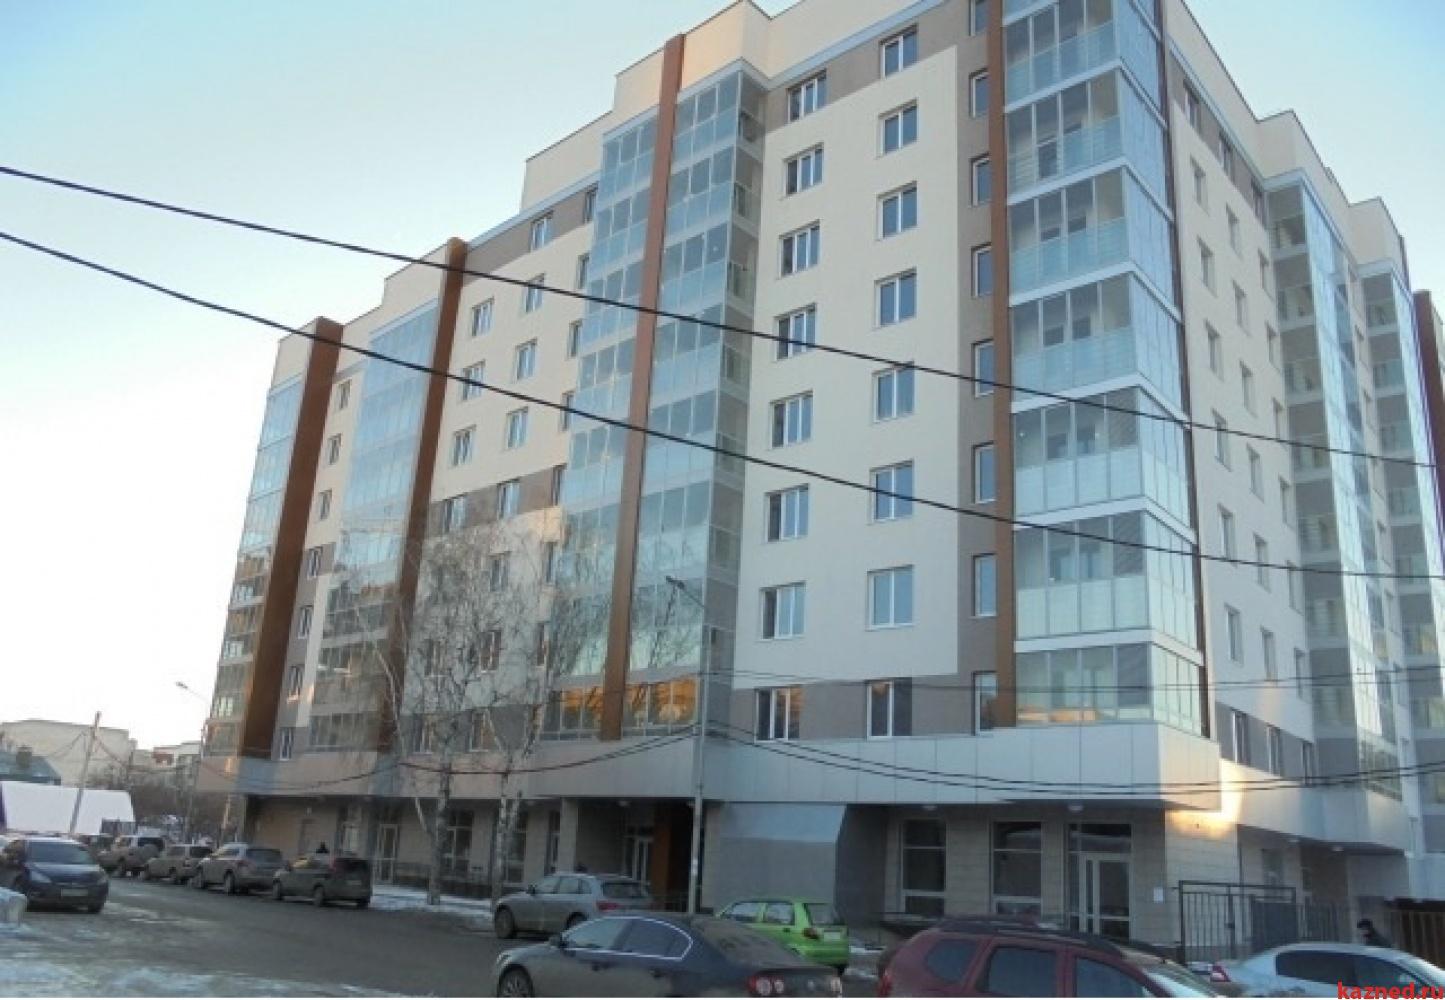 2-к квартира 83.6 м²  в Новостройке (миниатюра №2)